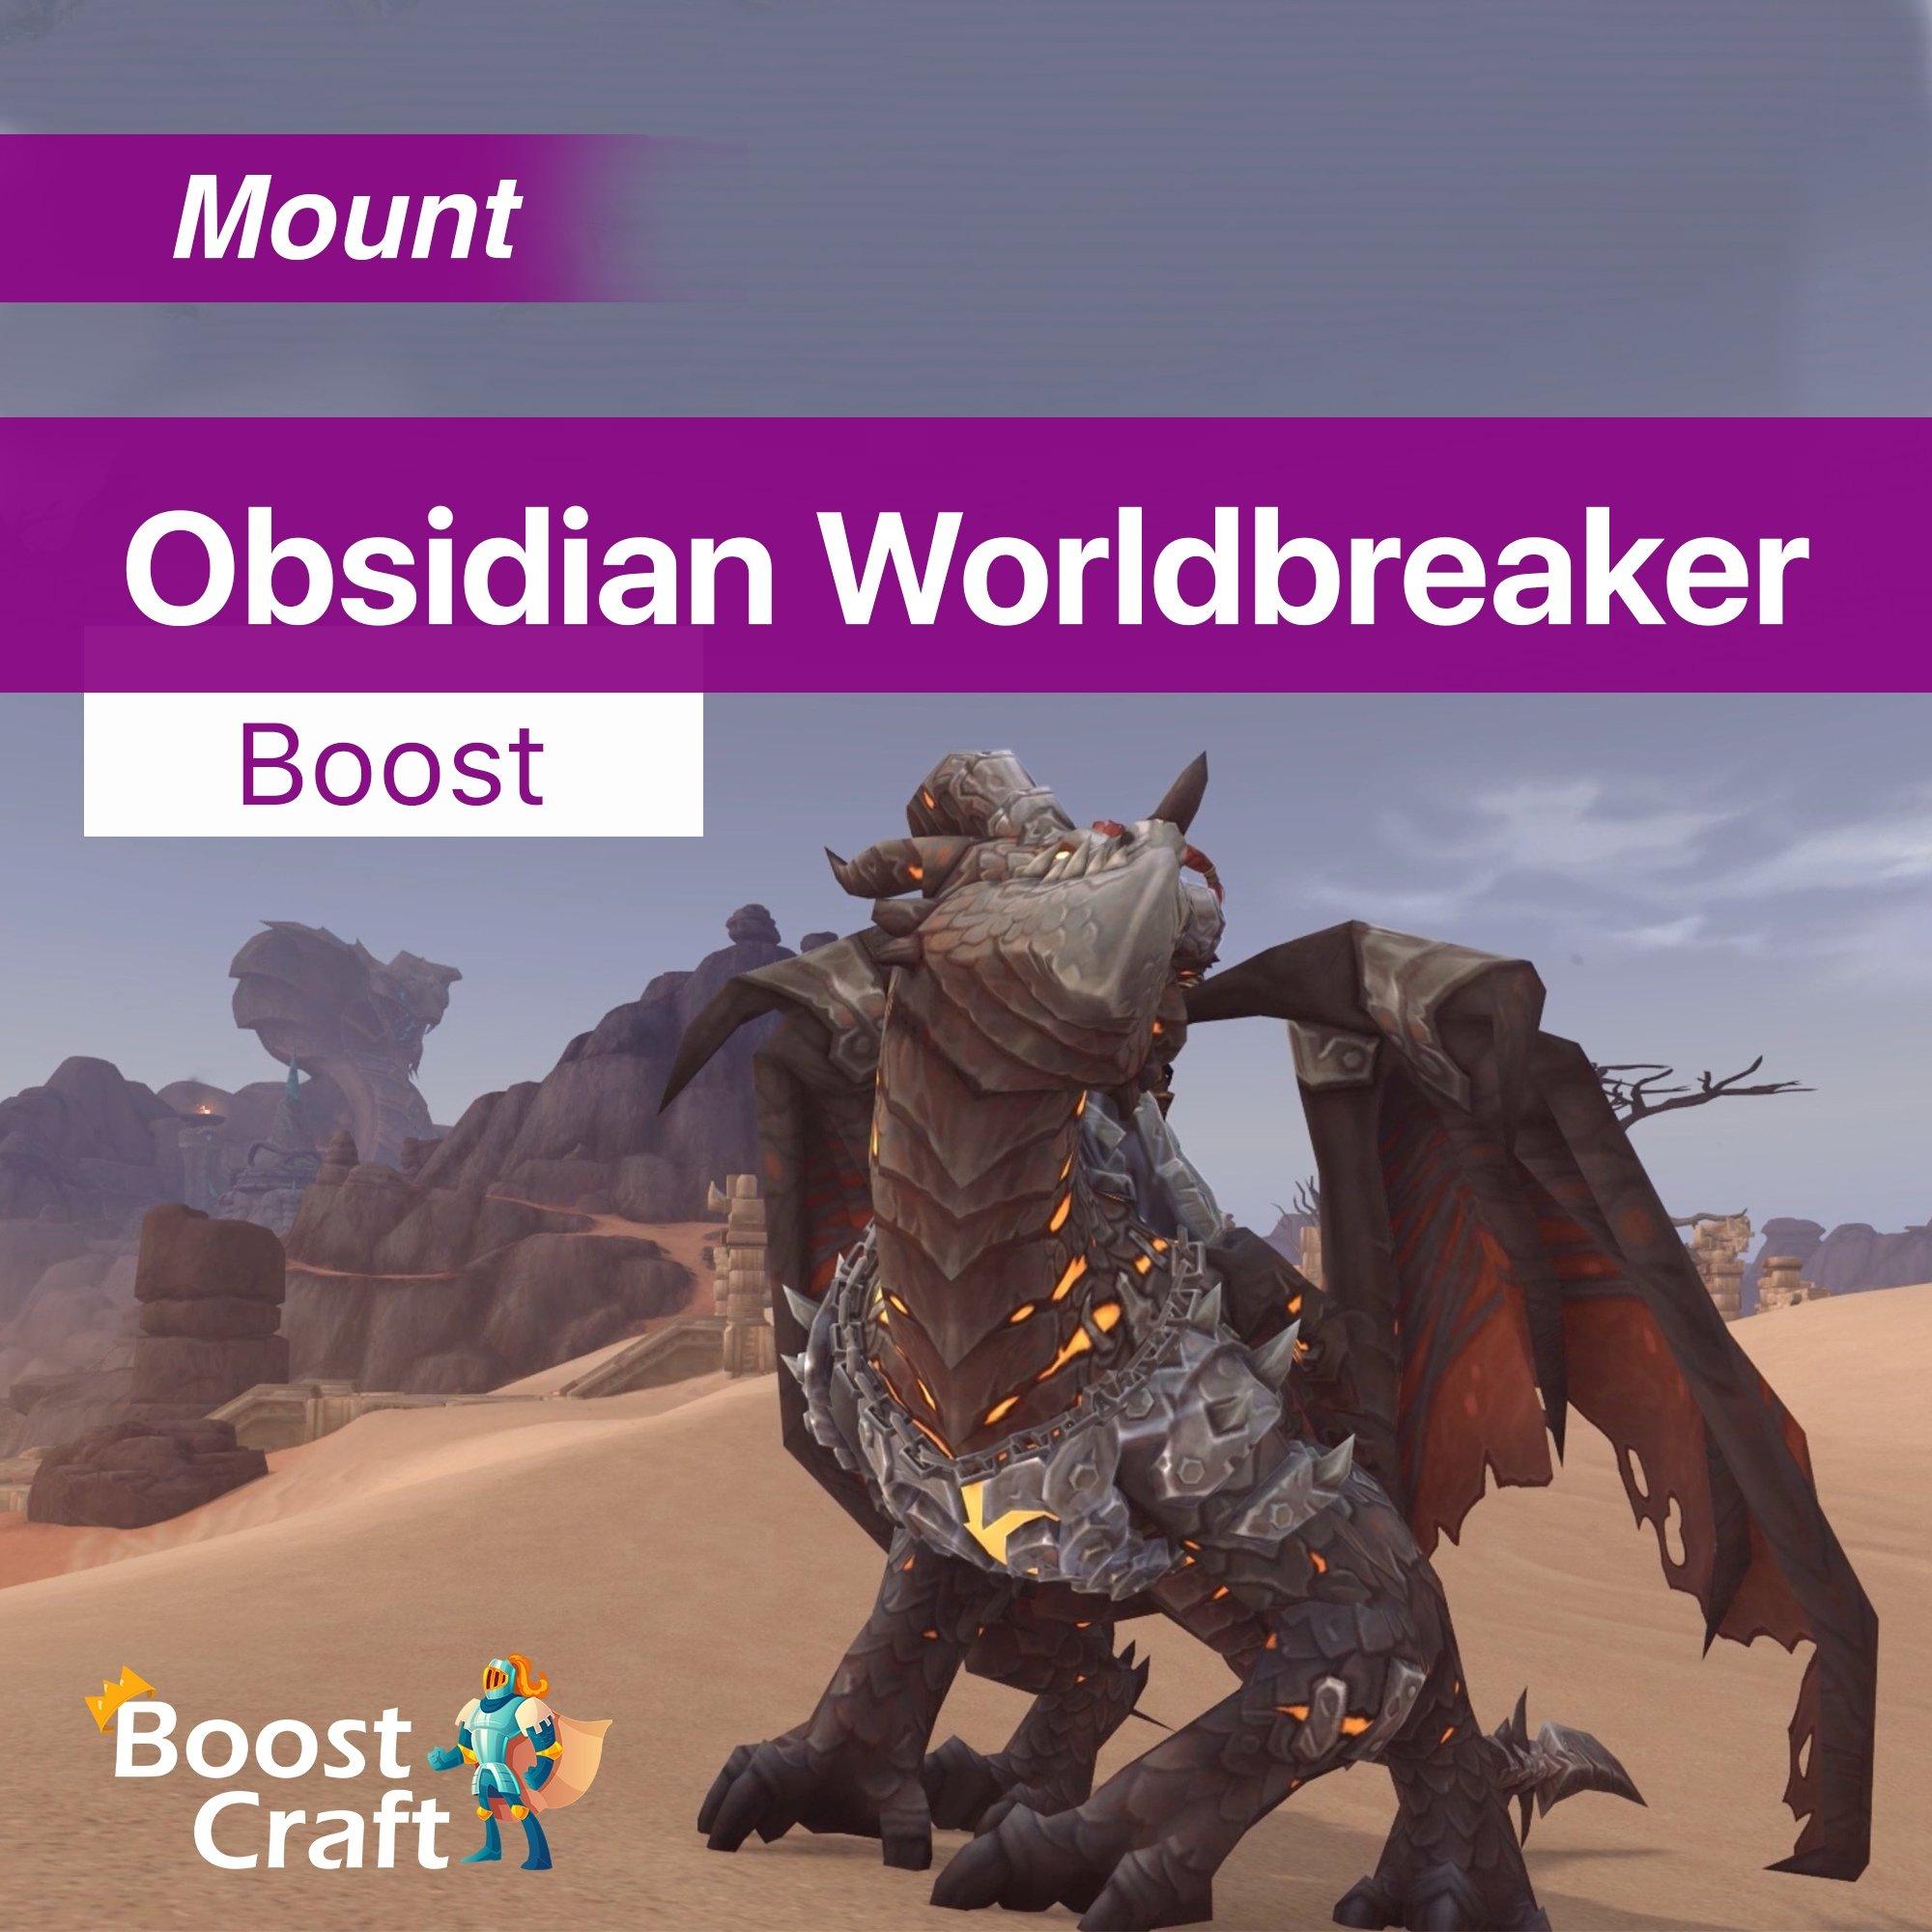 Obsidian Worldbreaker – Mount Boost